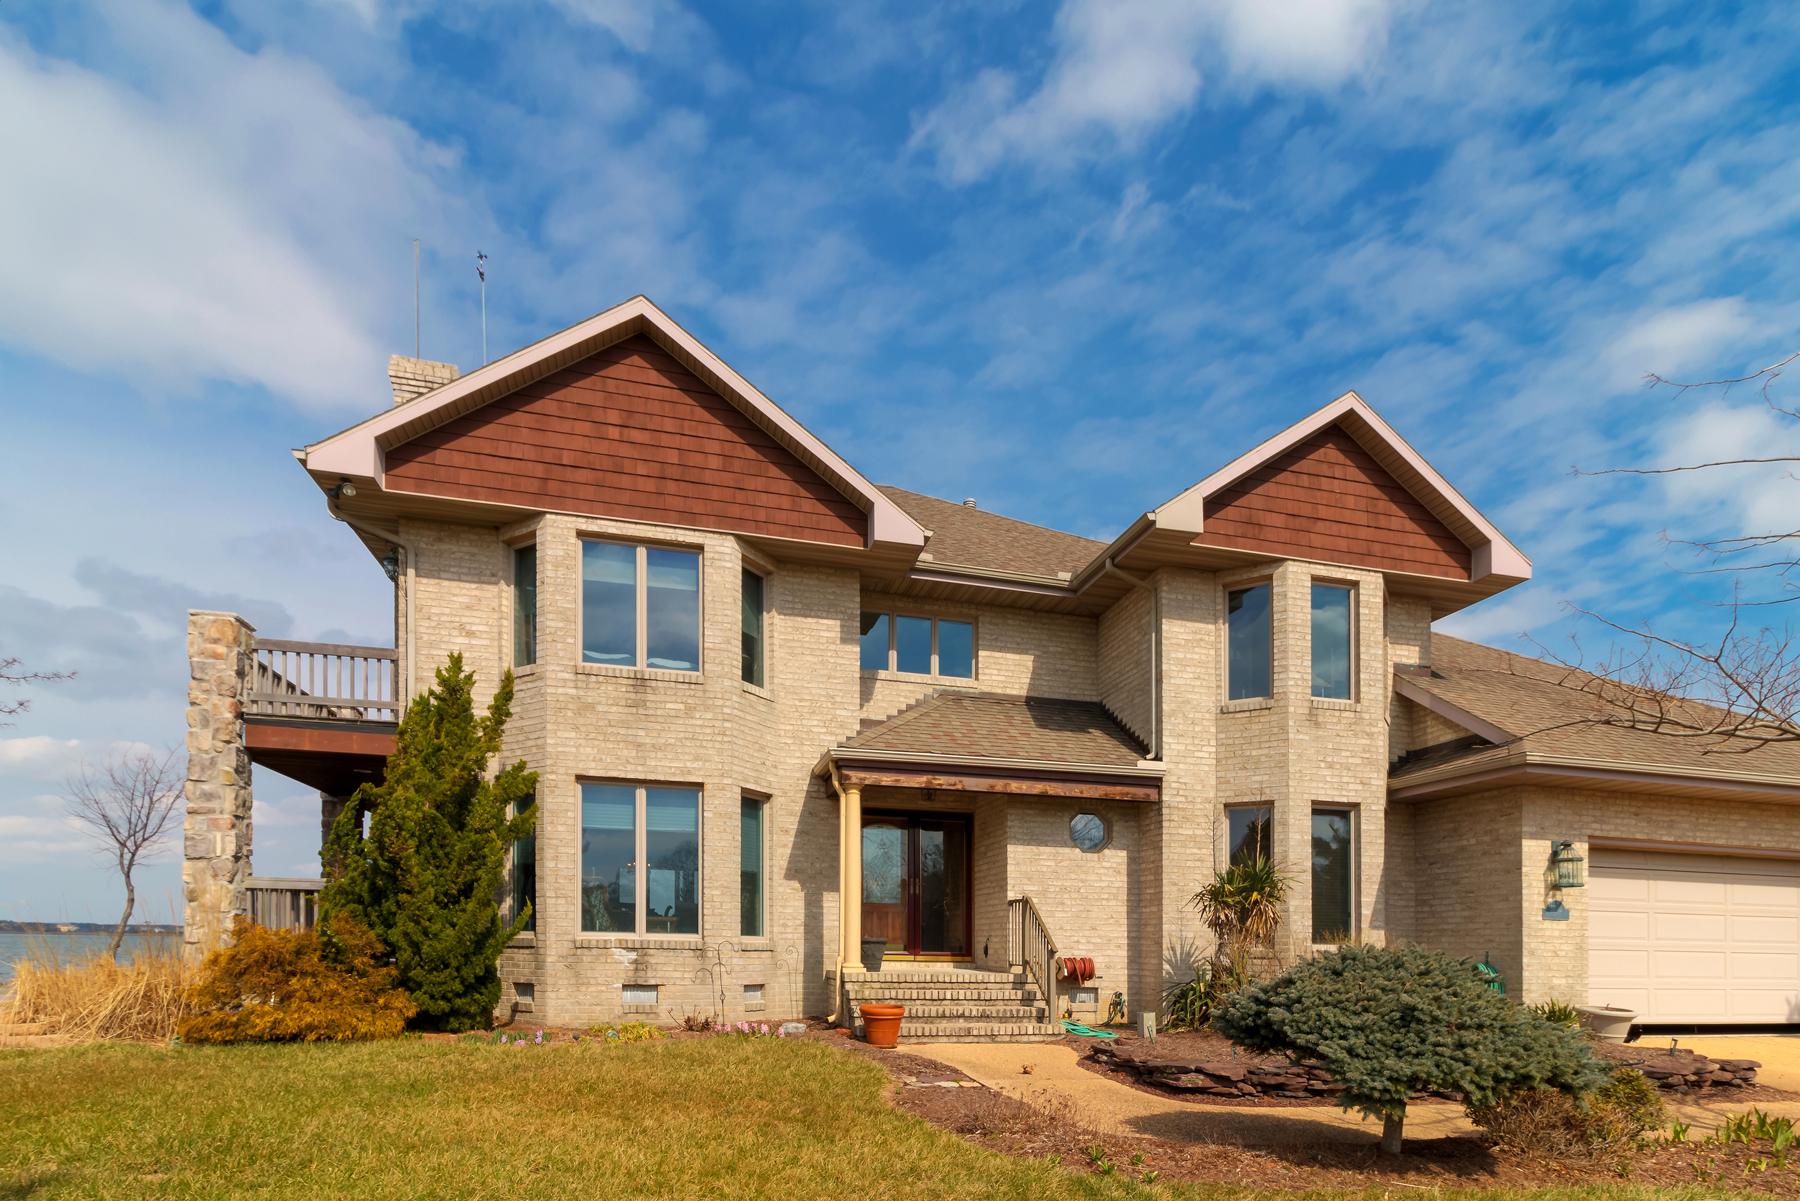 Частный односемейный дом для того Продажа на 34382 Indian River Drive , Dagsboro, DE 19939 34382 Indian River Drive Dagsboro, Делавэр 19939 Соединенные Штаты